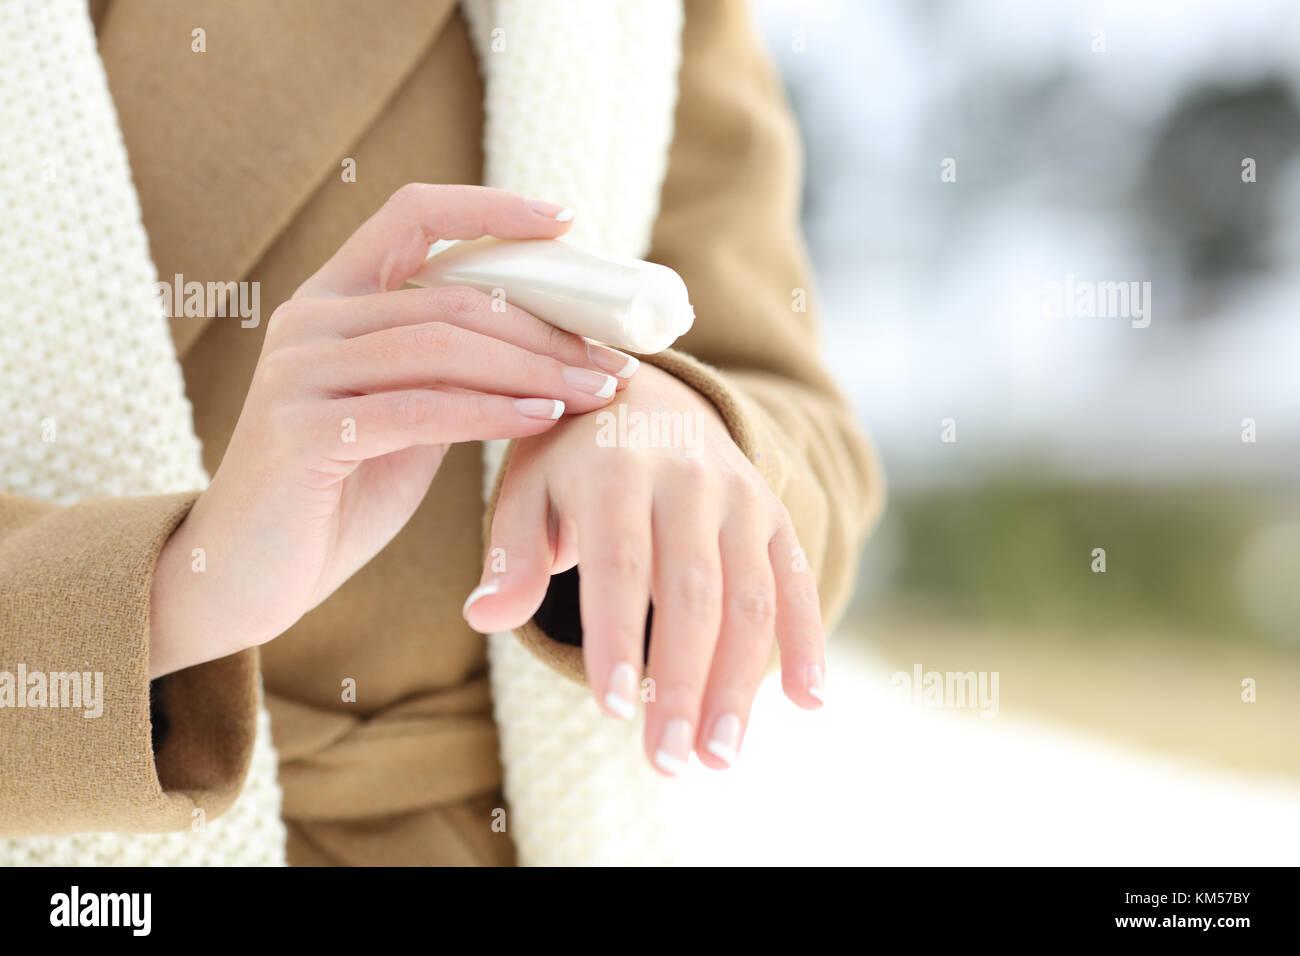 In prossimità di una donna Idratare le mani con crema idratante in inverno con una montagna innevata in background Immagini Stock